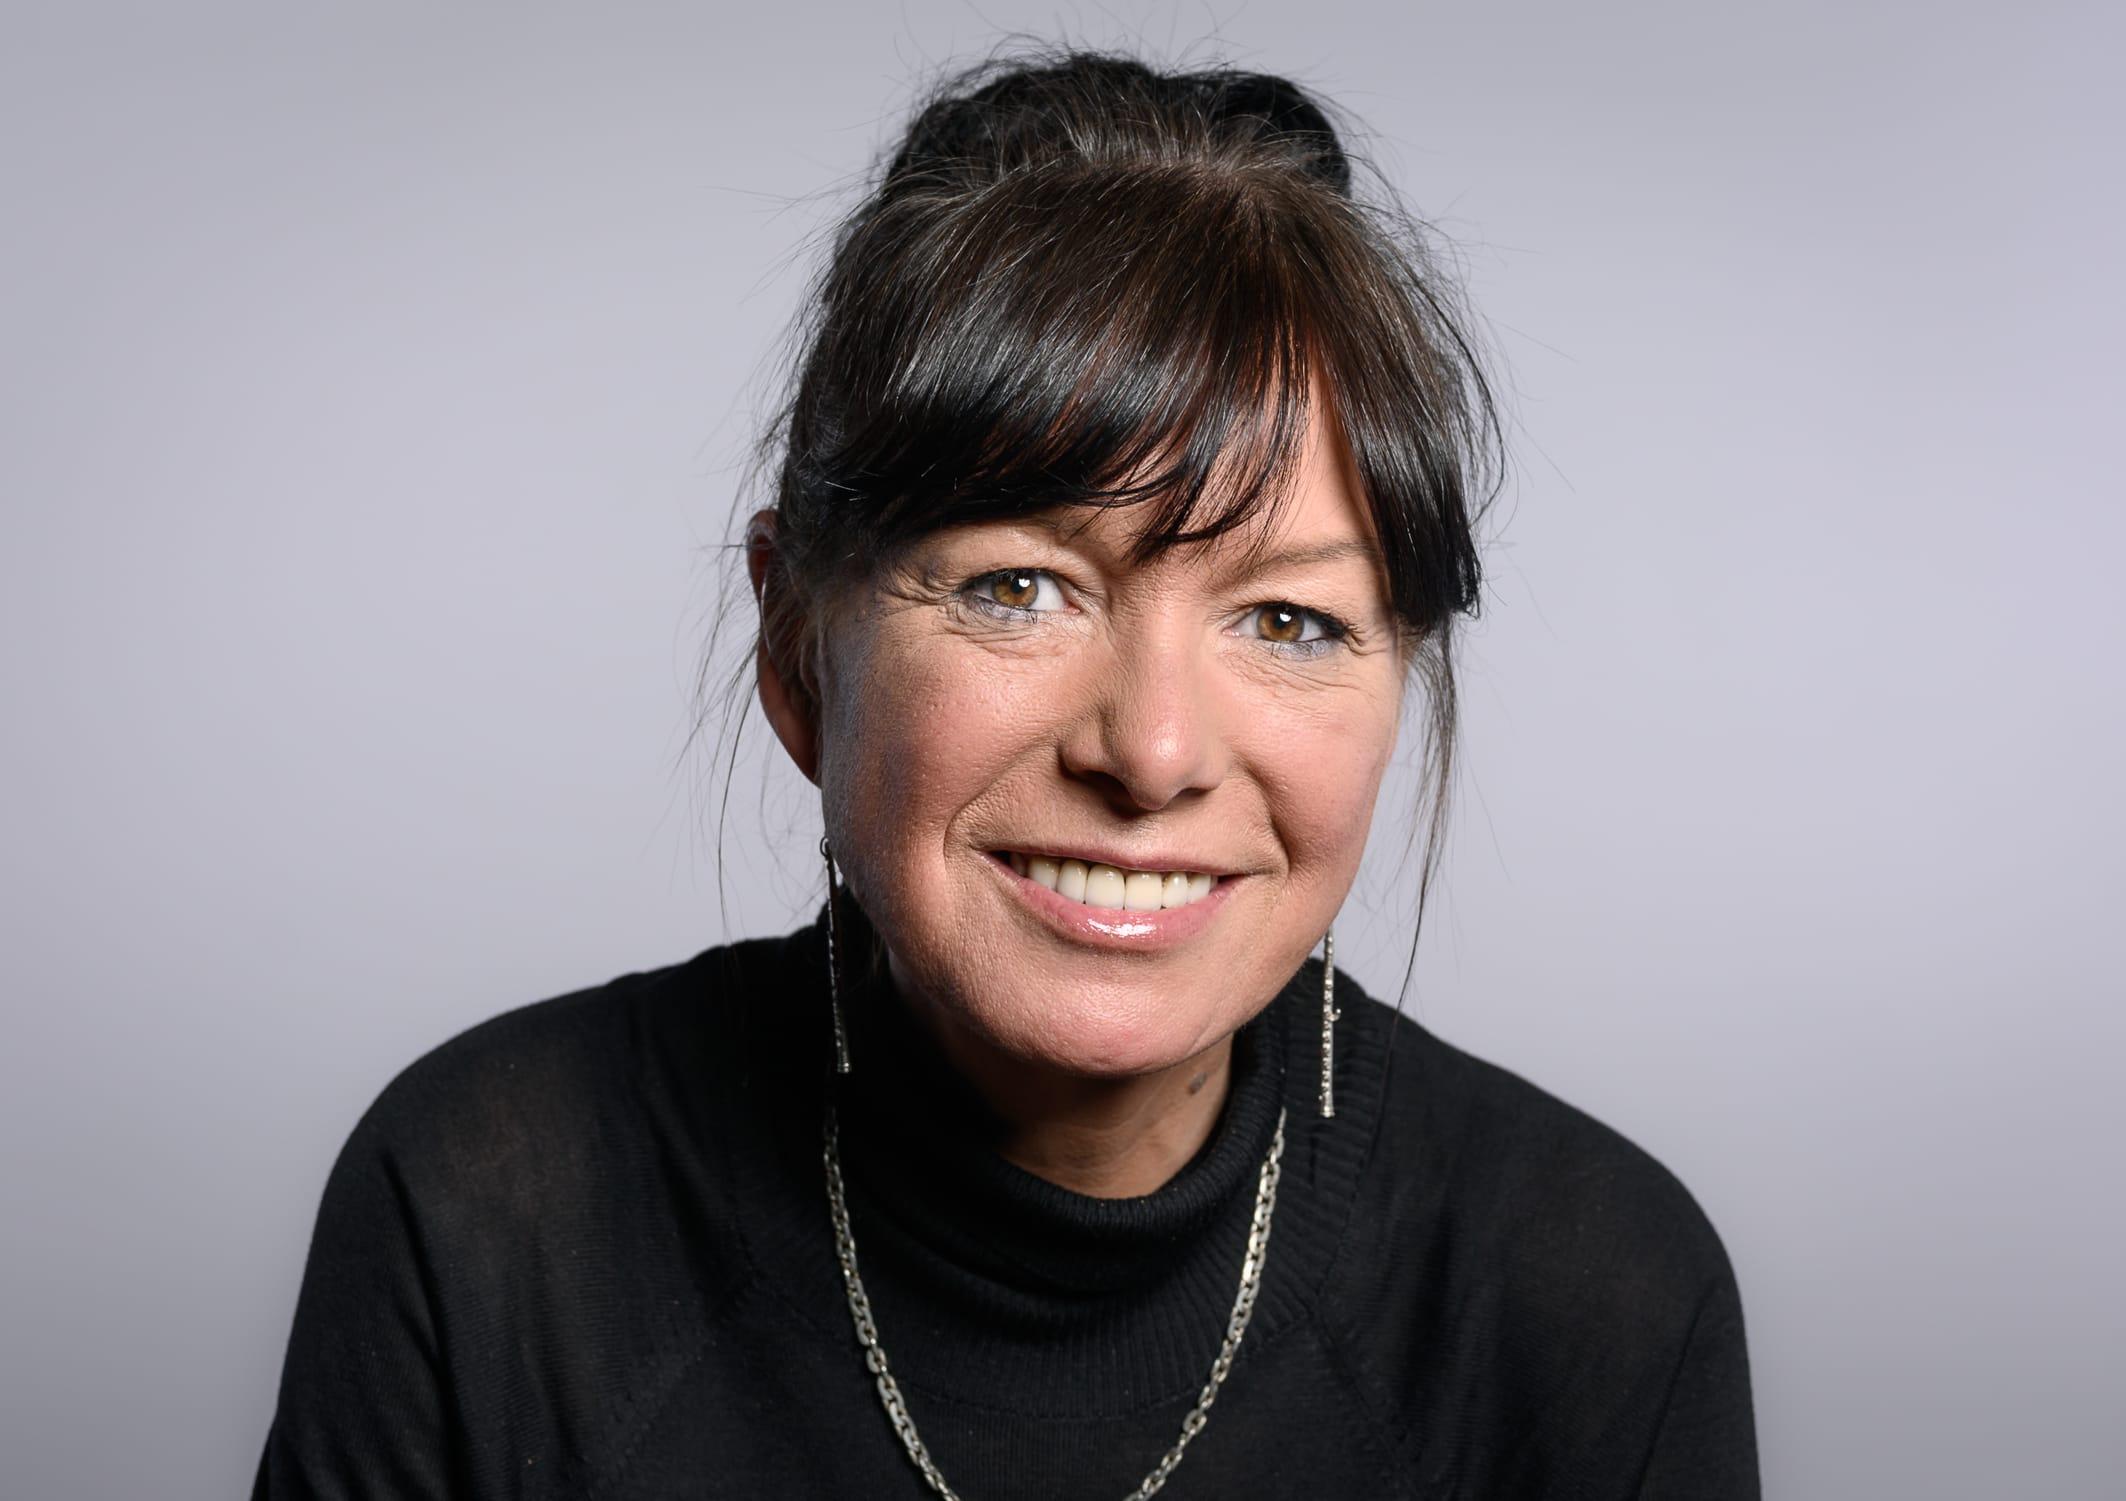 portrait Foto von Annette Werner-Wildenhain